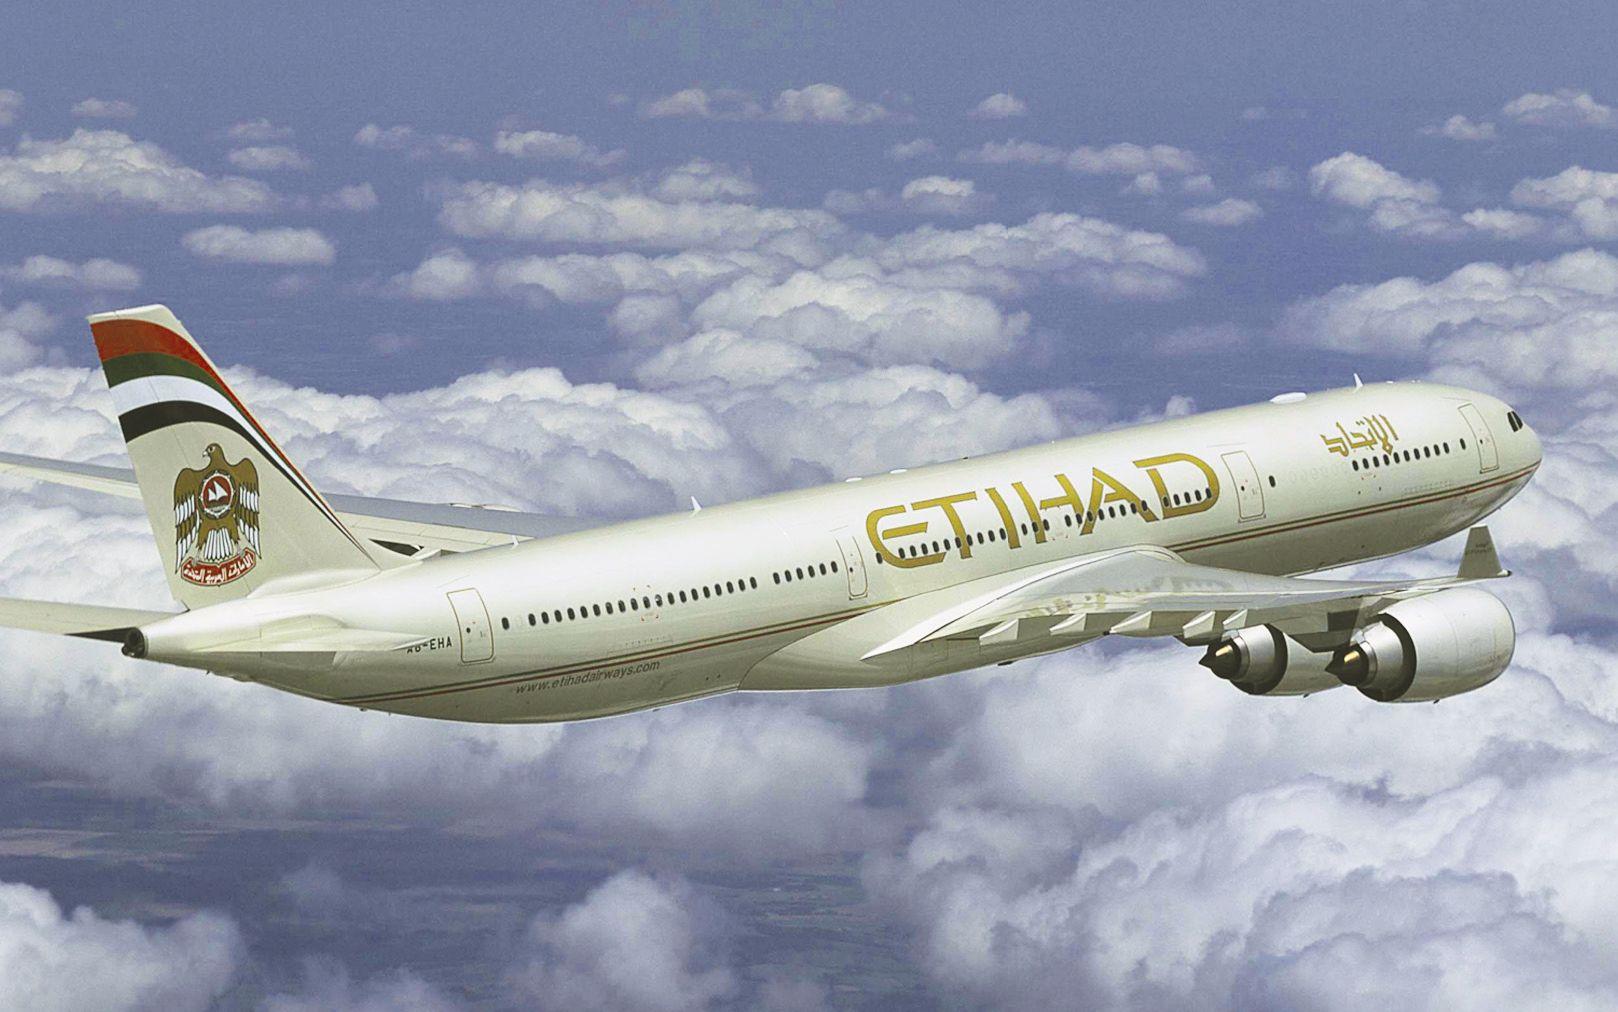 Las aerolíneas de Emiratos Árabes Unidos Etihad Airways y Flydubai cancelan vuelos a Tel Aviv para evitar el actual conflicto bélico con Gaza